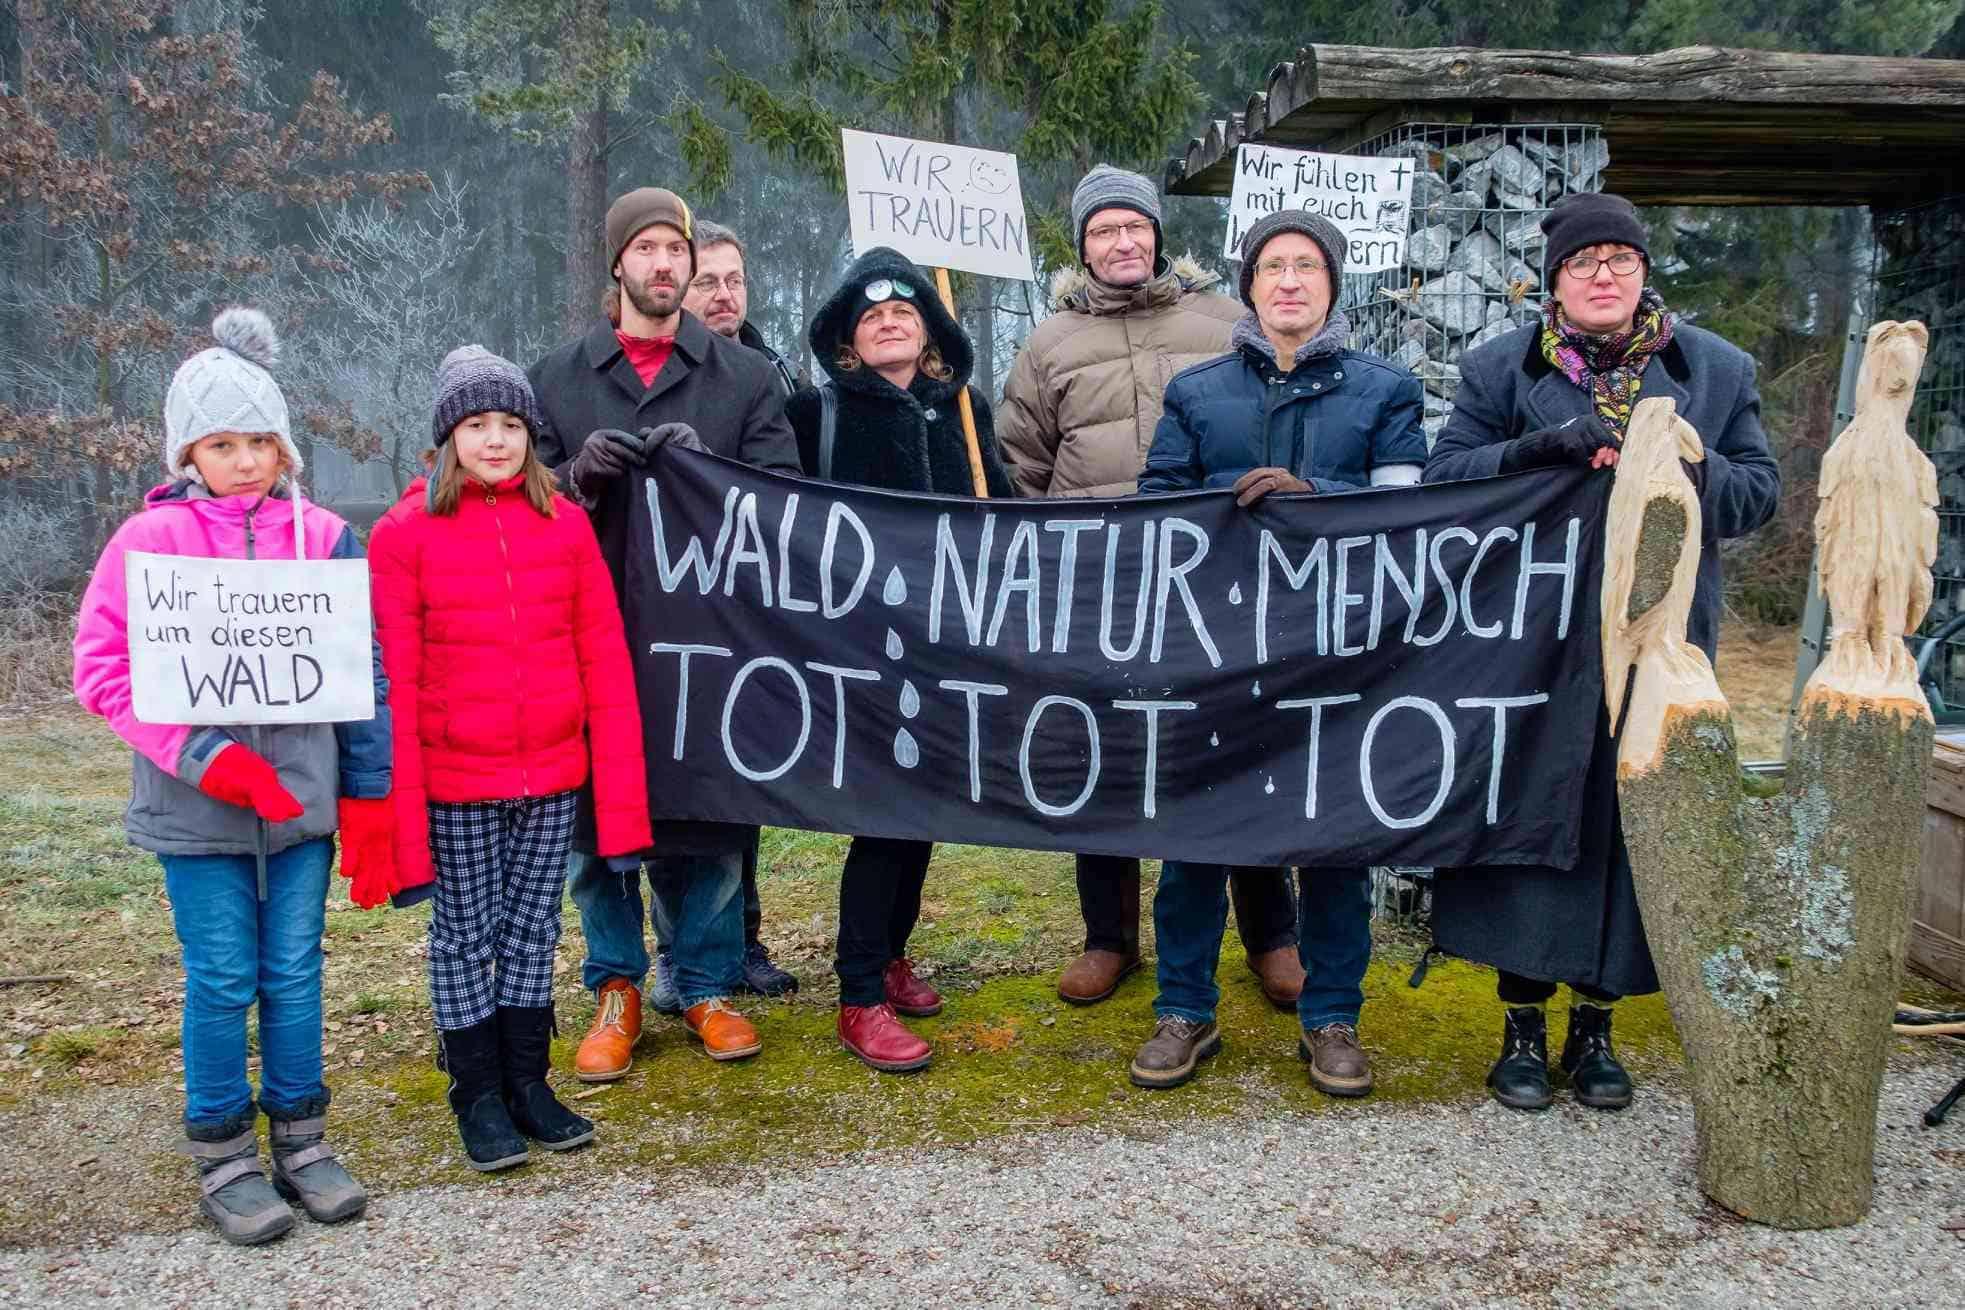 AktivistInnen halten Banner und Schilder hoch, mit denen sie auf das Waldsterben hinweisen und um den Wald trauern